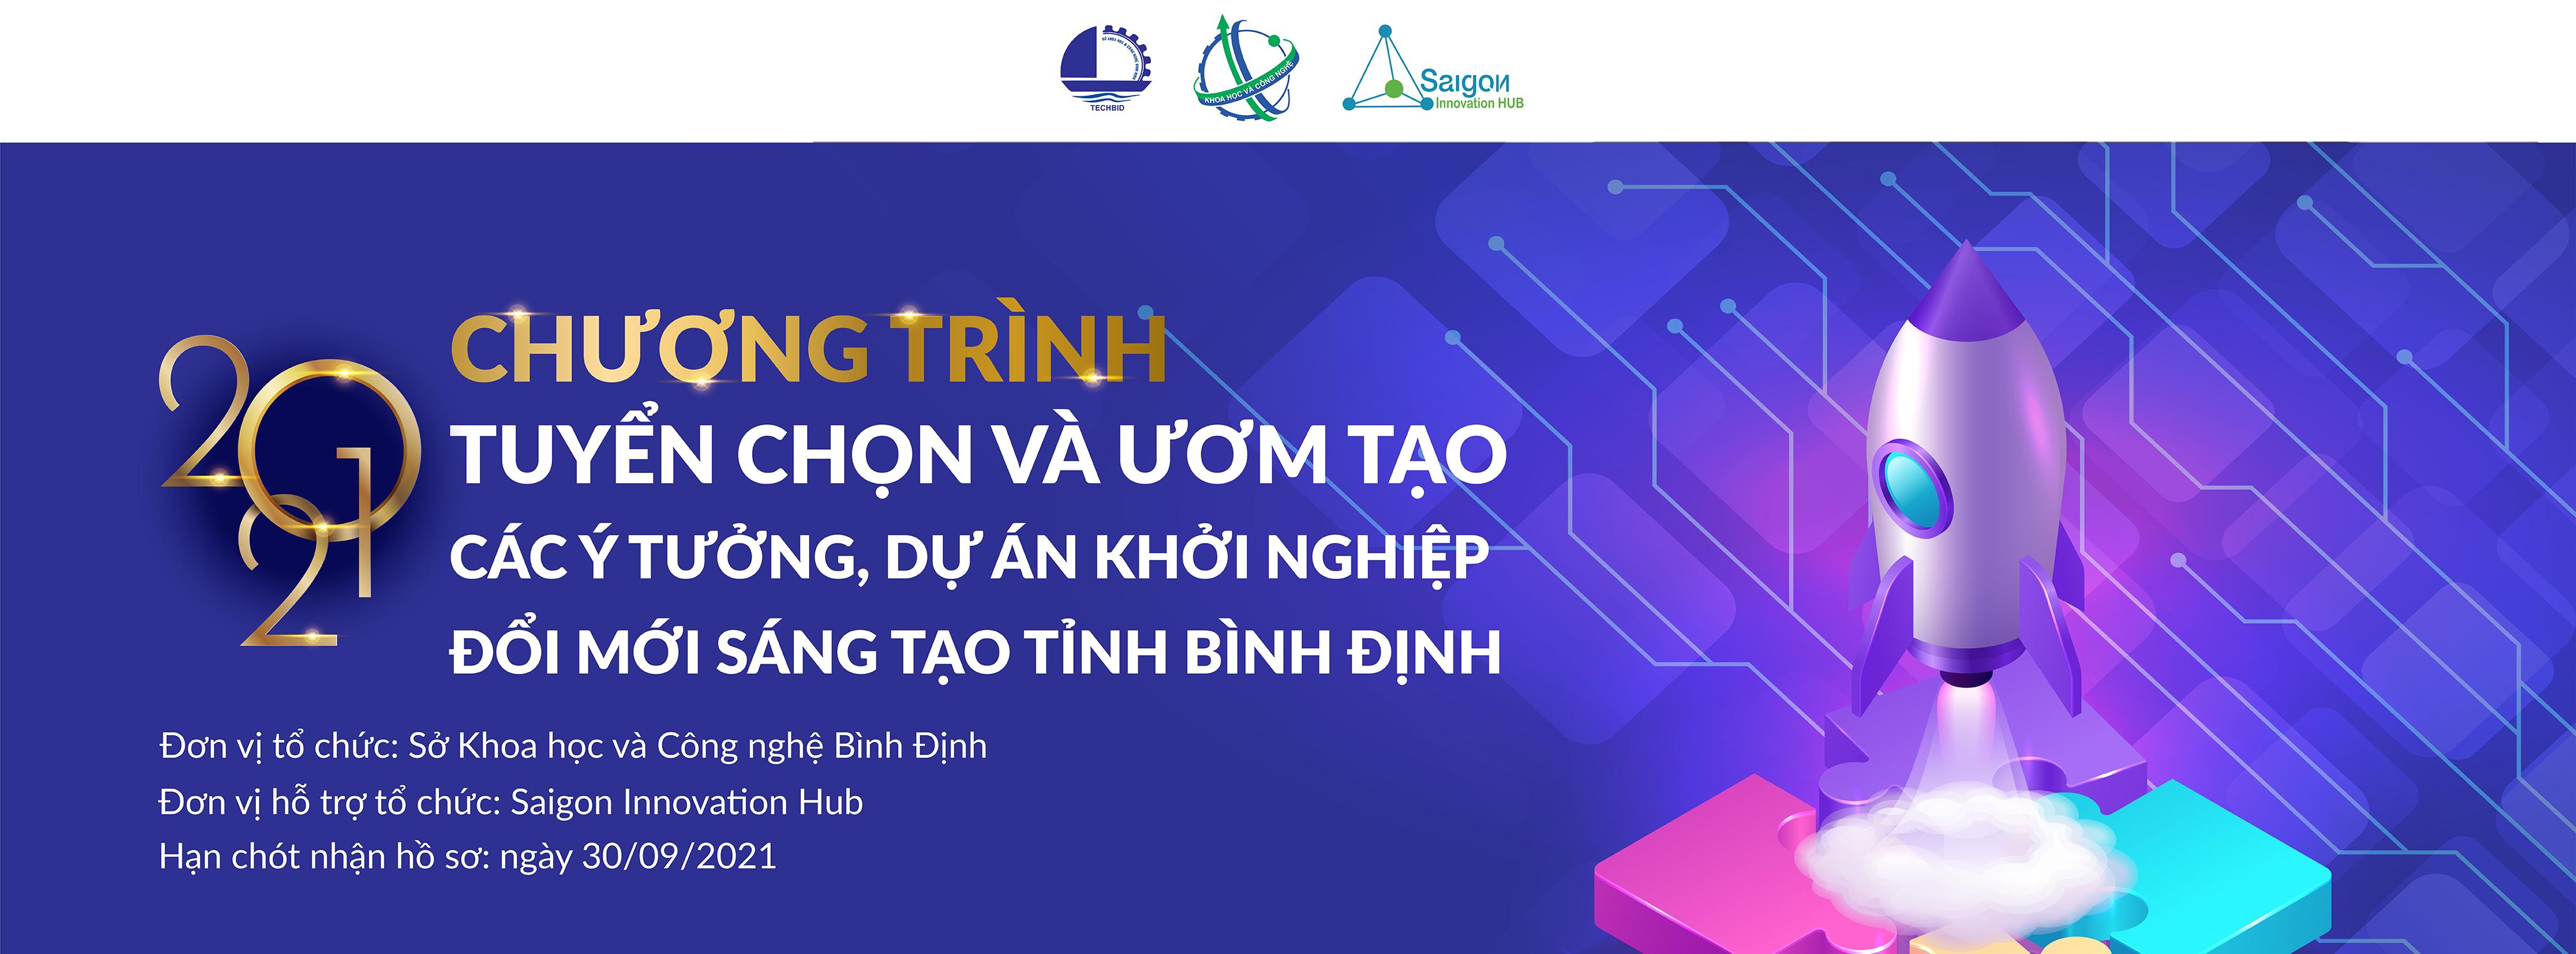 Website-Bình-Định-01-1